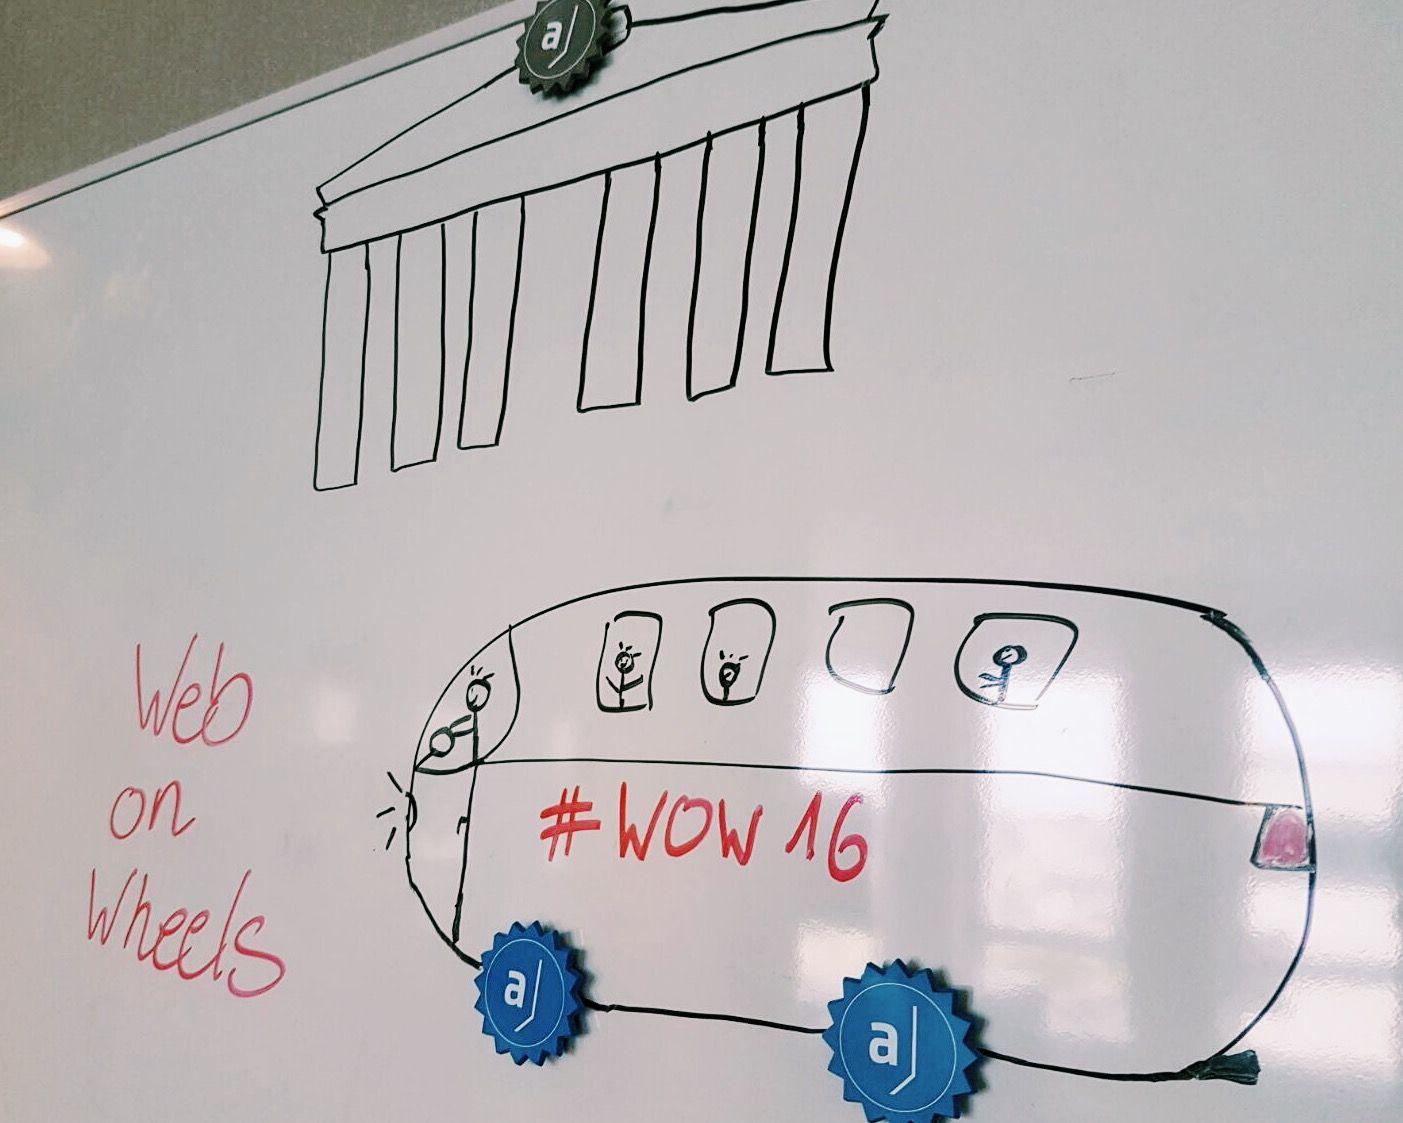 Am 27.10 ist der Web-on-Wheels Shuttle in Berlin unterwegs und fährt auch bei #adessoAG vorbei! Meldet euch jetzt an: http://www.web-on-wheels.de